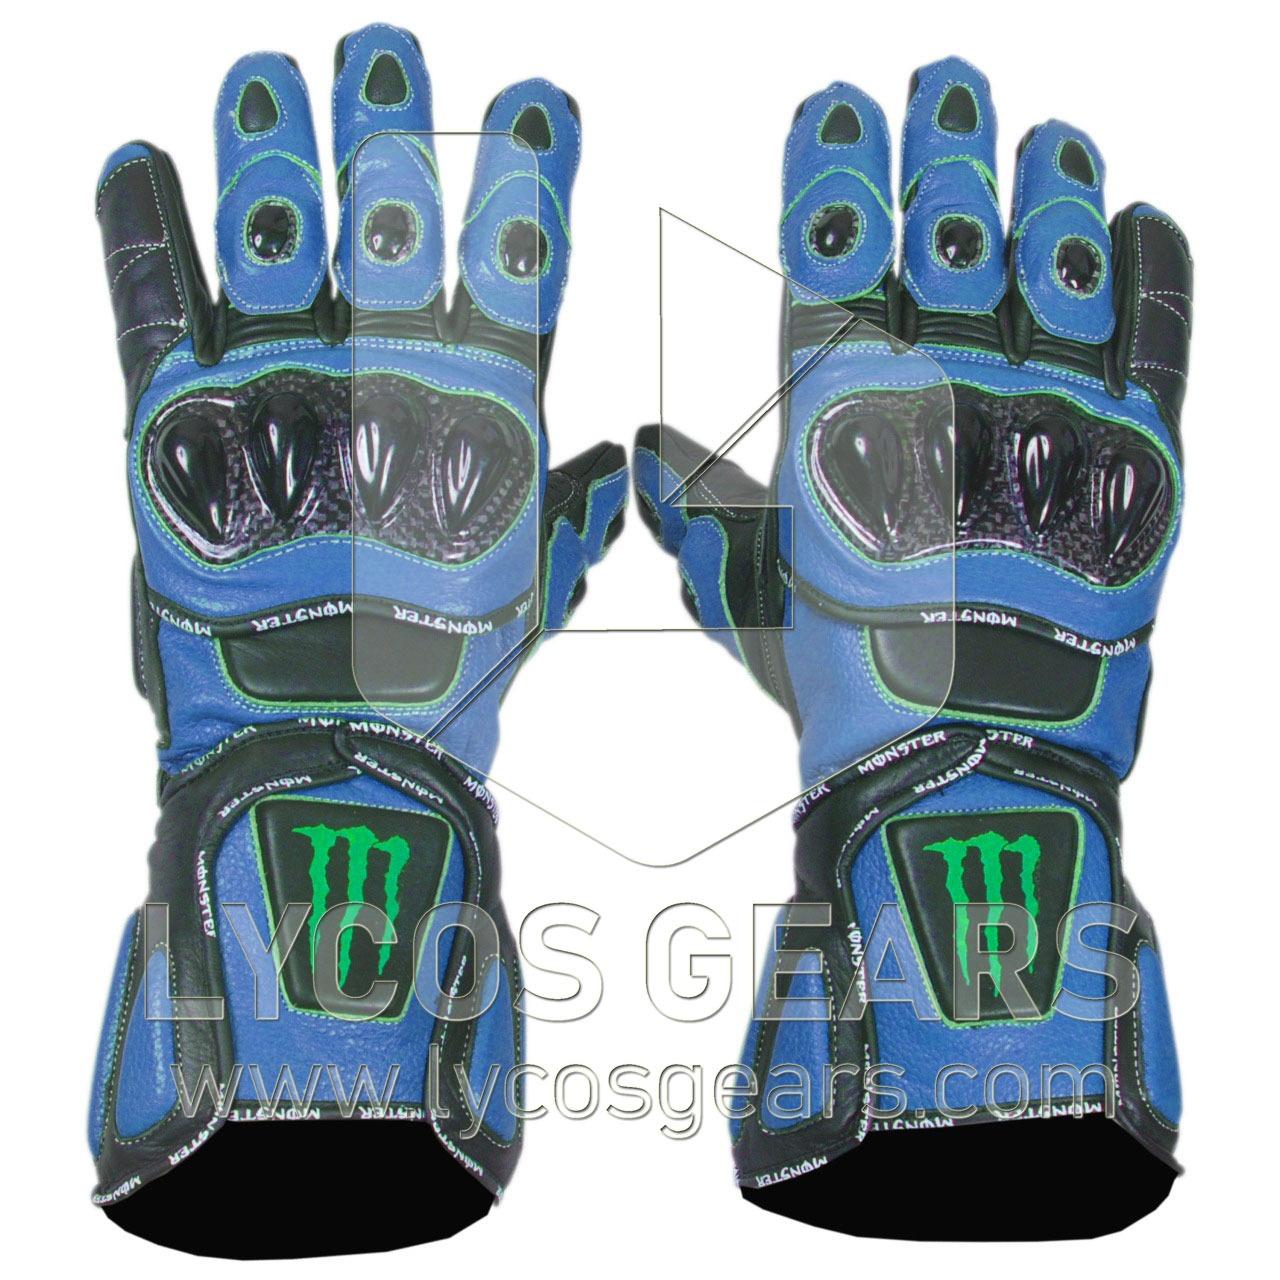 kawasaki monster motorcycle gloves